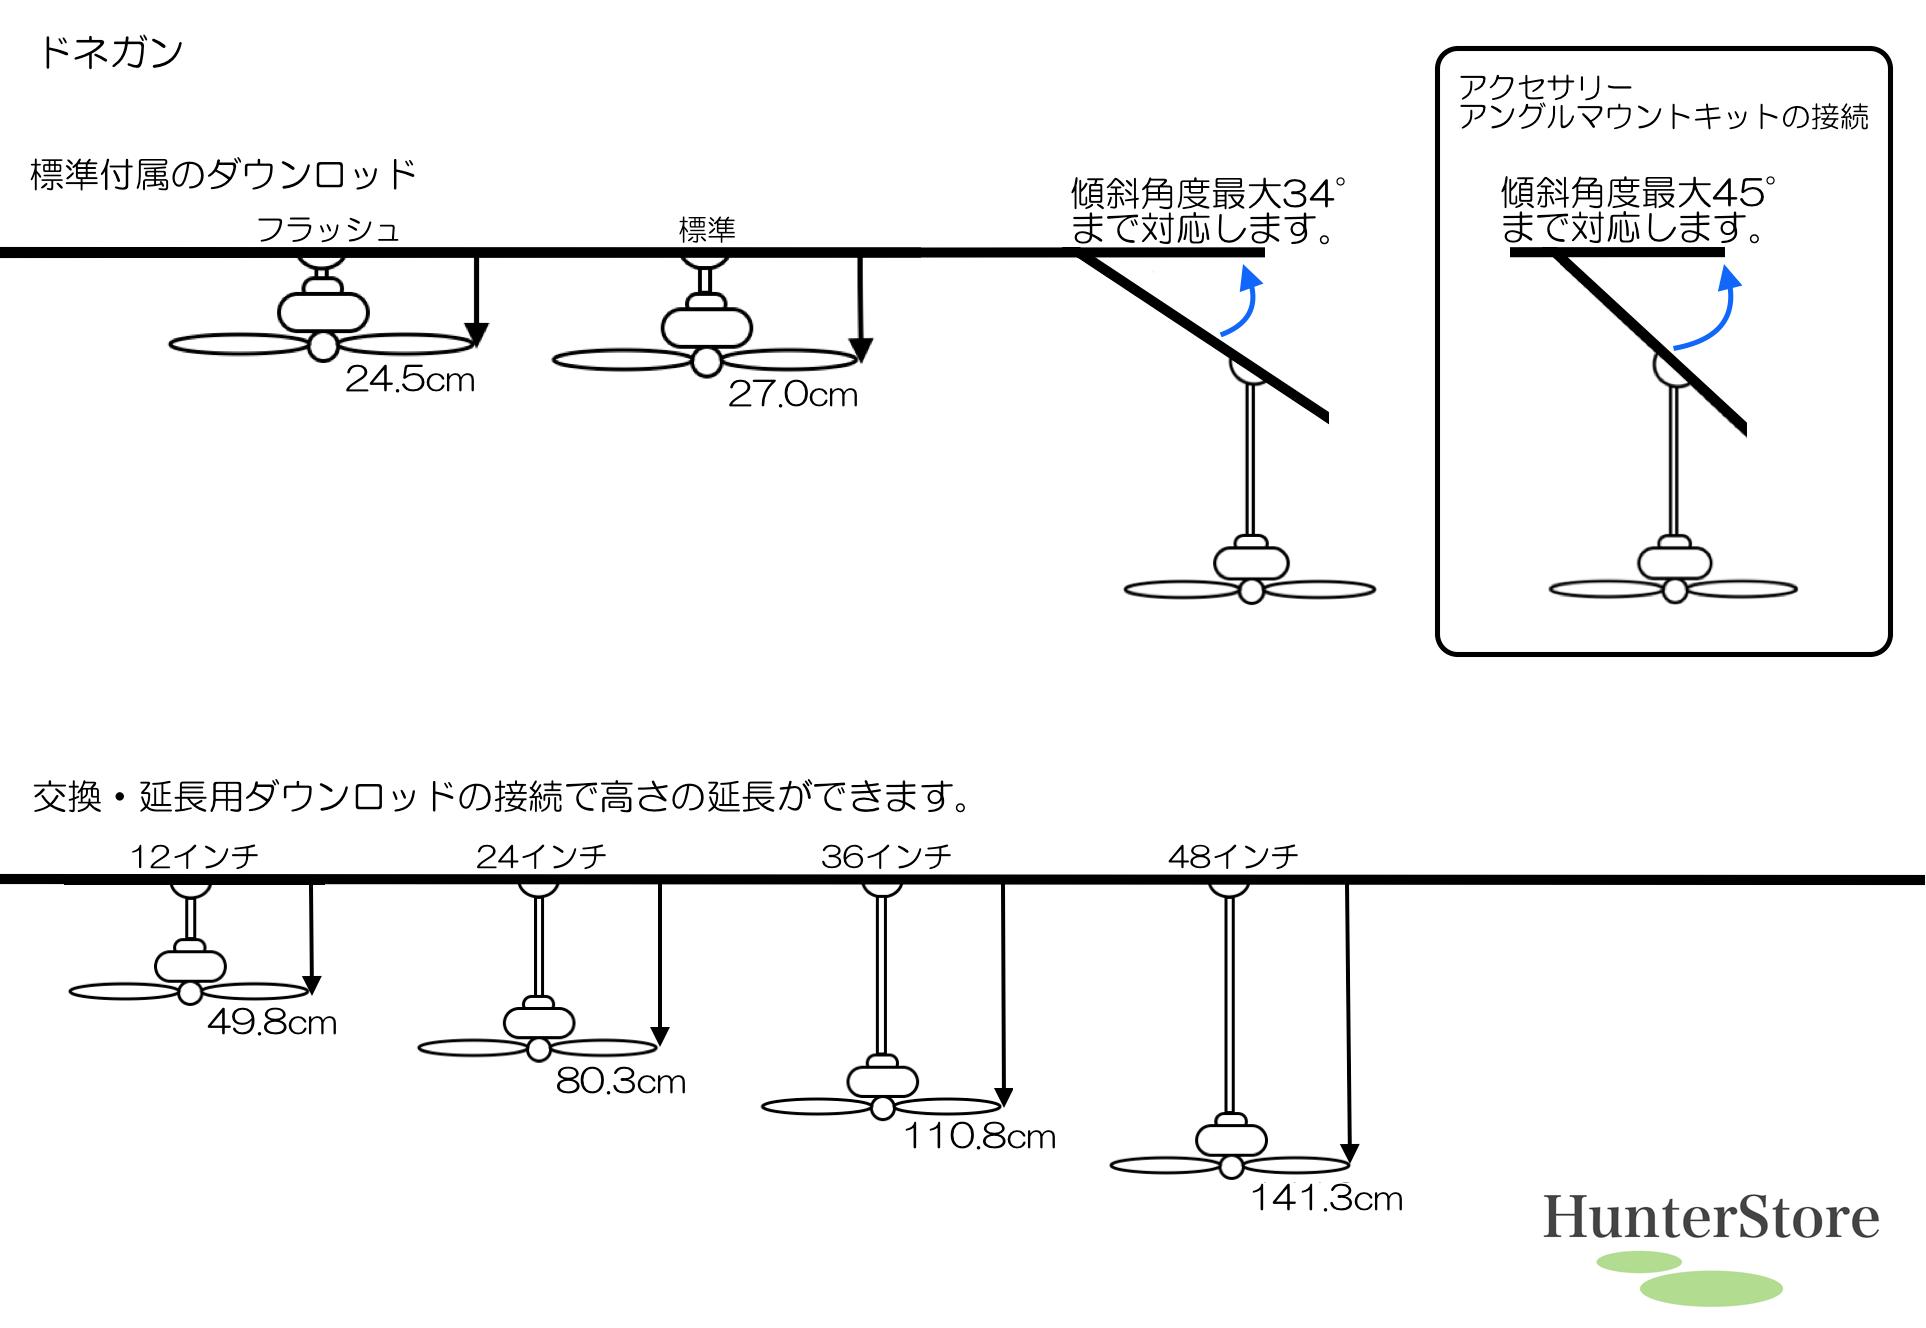 ドネガン 照明キット付【壁コントローラ・24㌅61cmダウンロッド付】 - 画像2